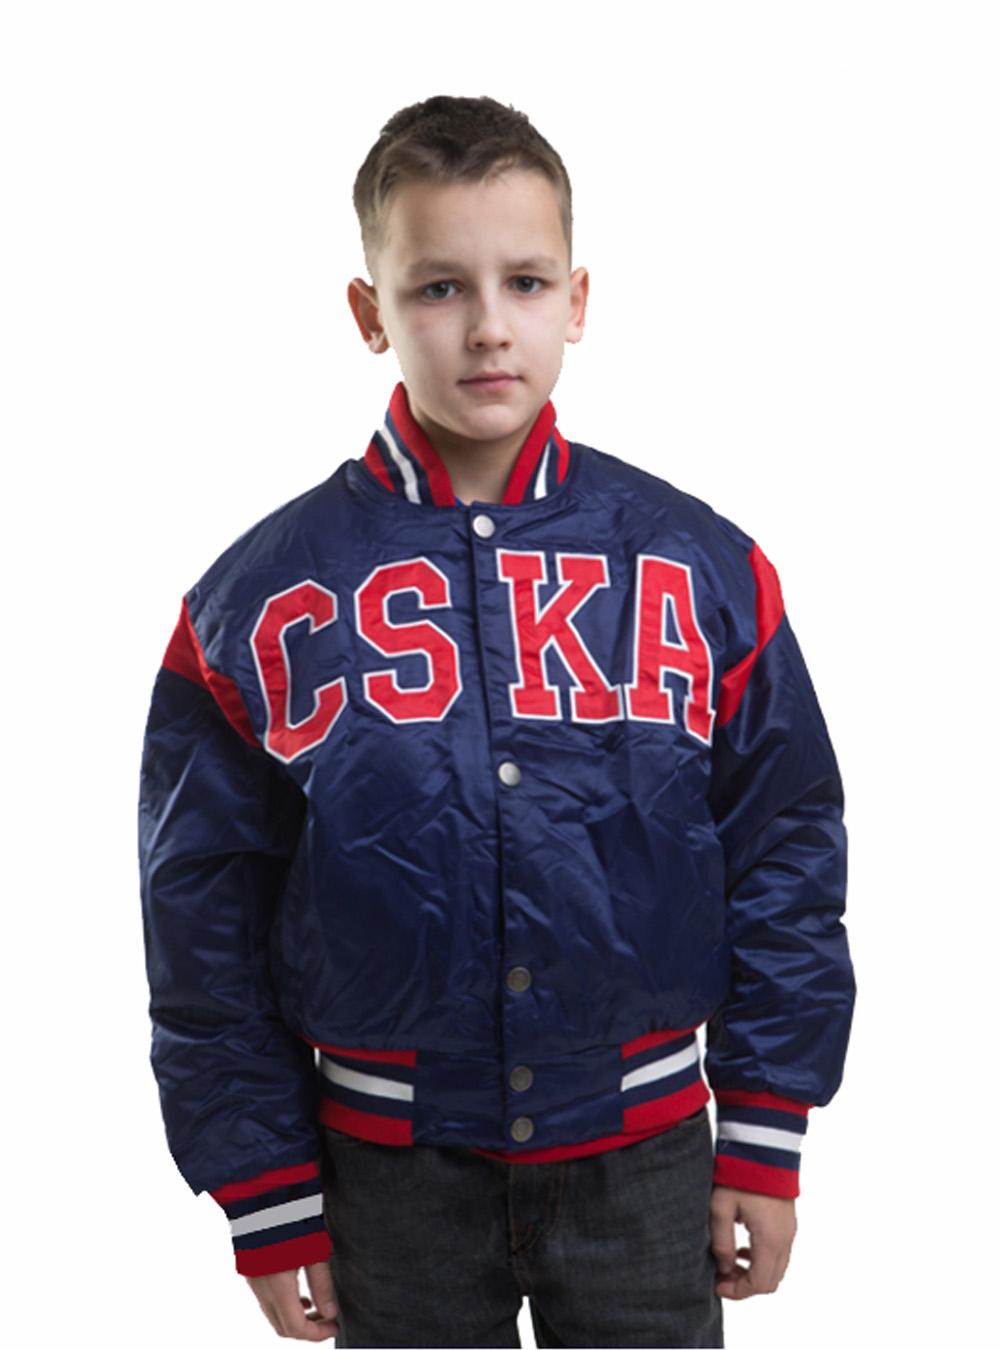 Куртка клубная детская (38)Одежда<br>Куртка клубная детская<br>